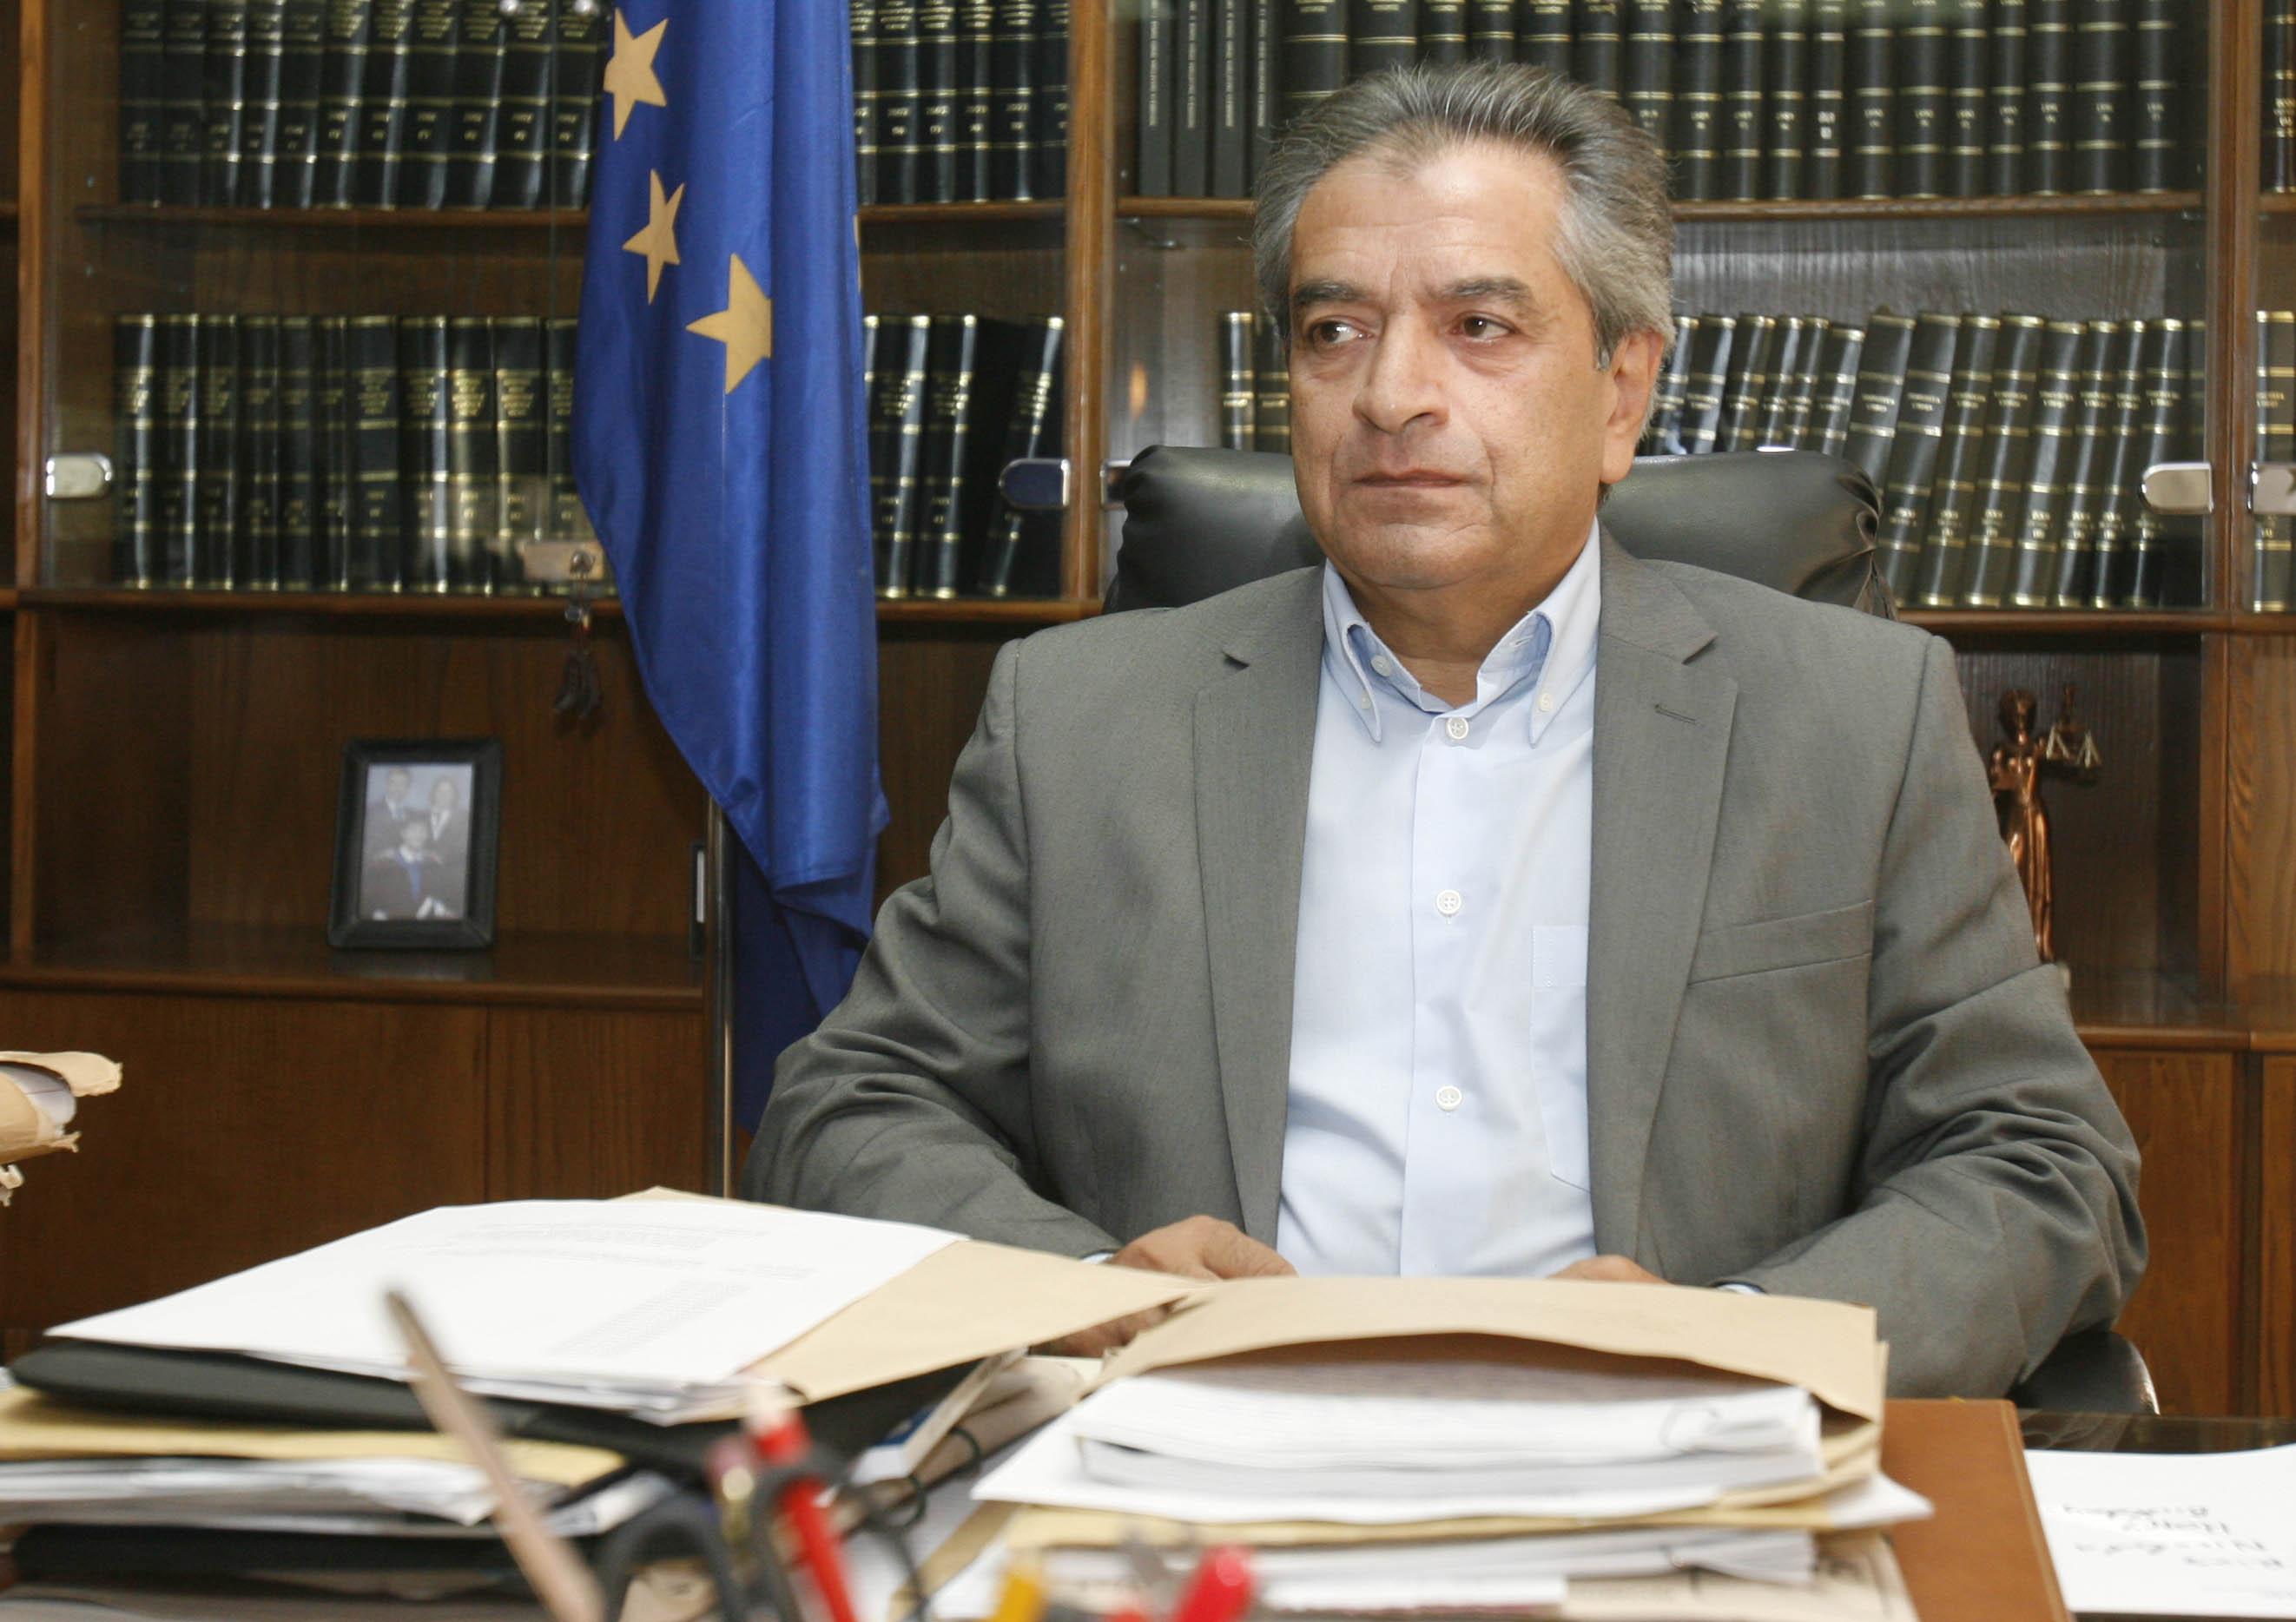 Υπό σκέψη για ανακρίσεις η Νομική Υπηρεσία μετά το πόρισμα για ΣΚΤ